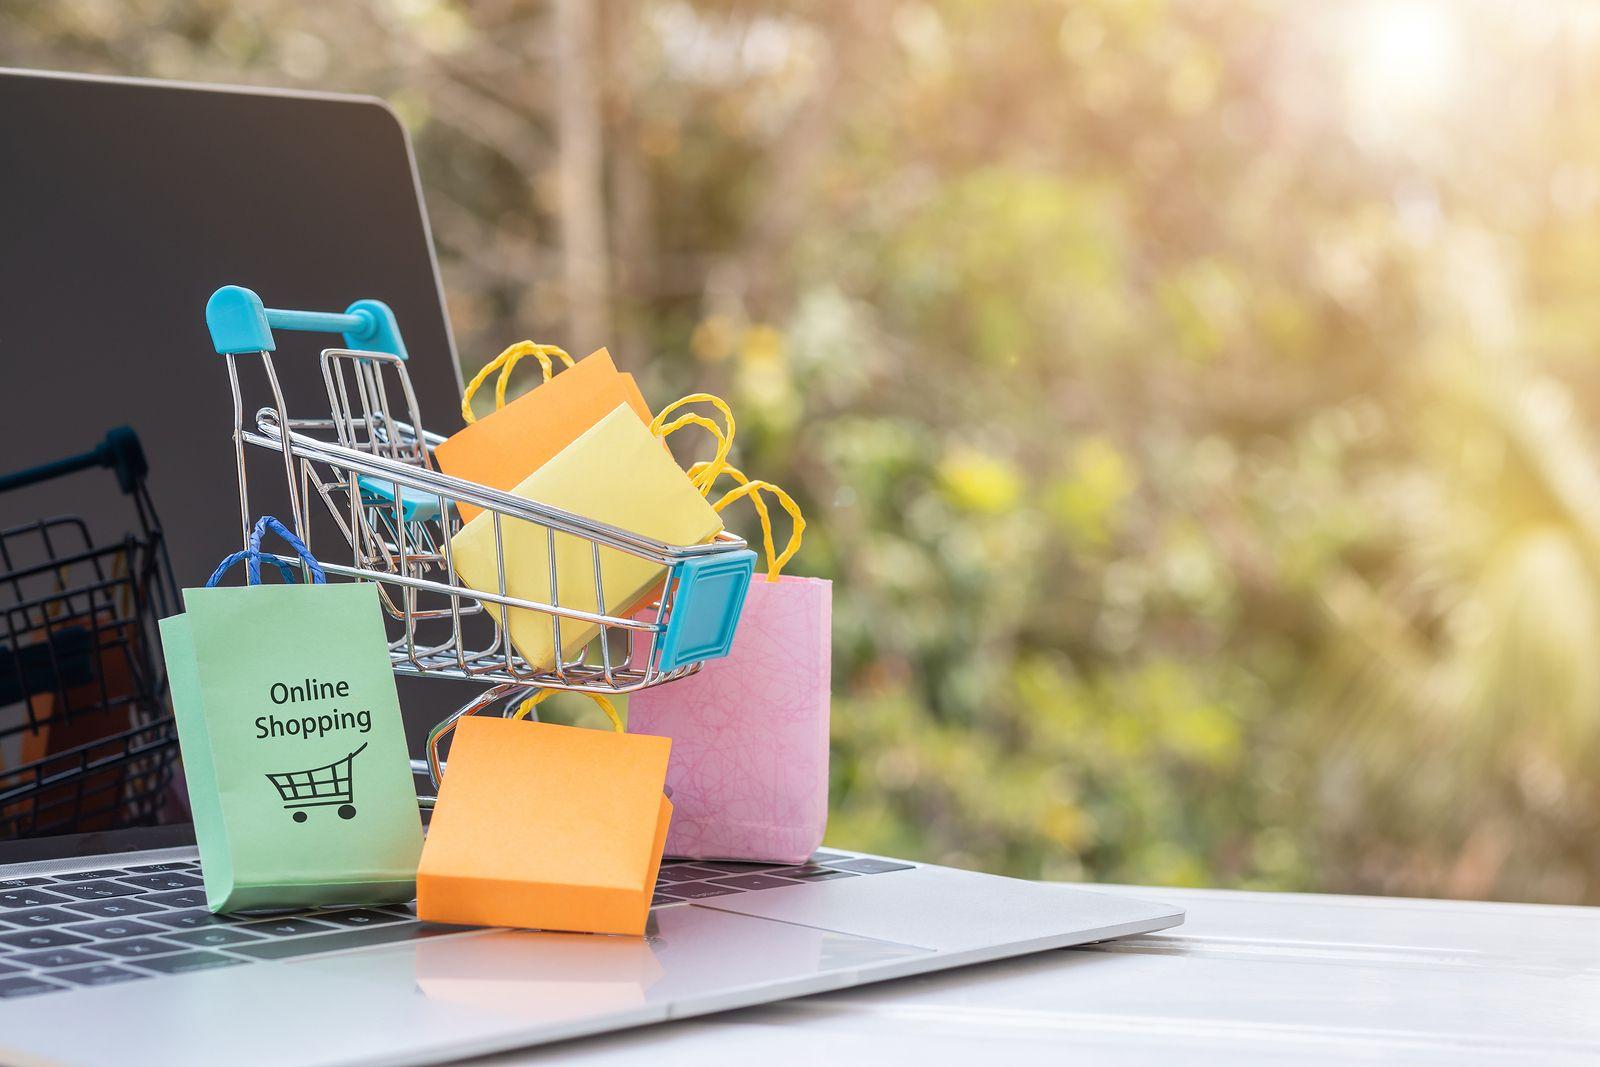 La cuarentena disparó debuts de compras online: el 12% lo hizo por primera vez